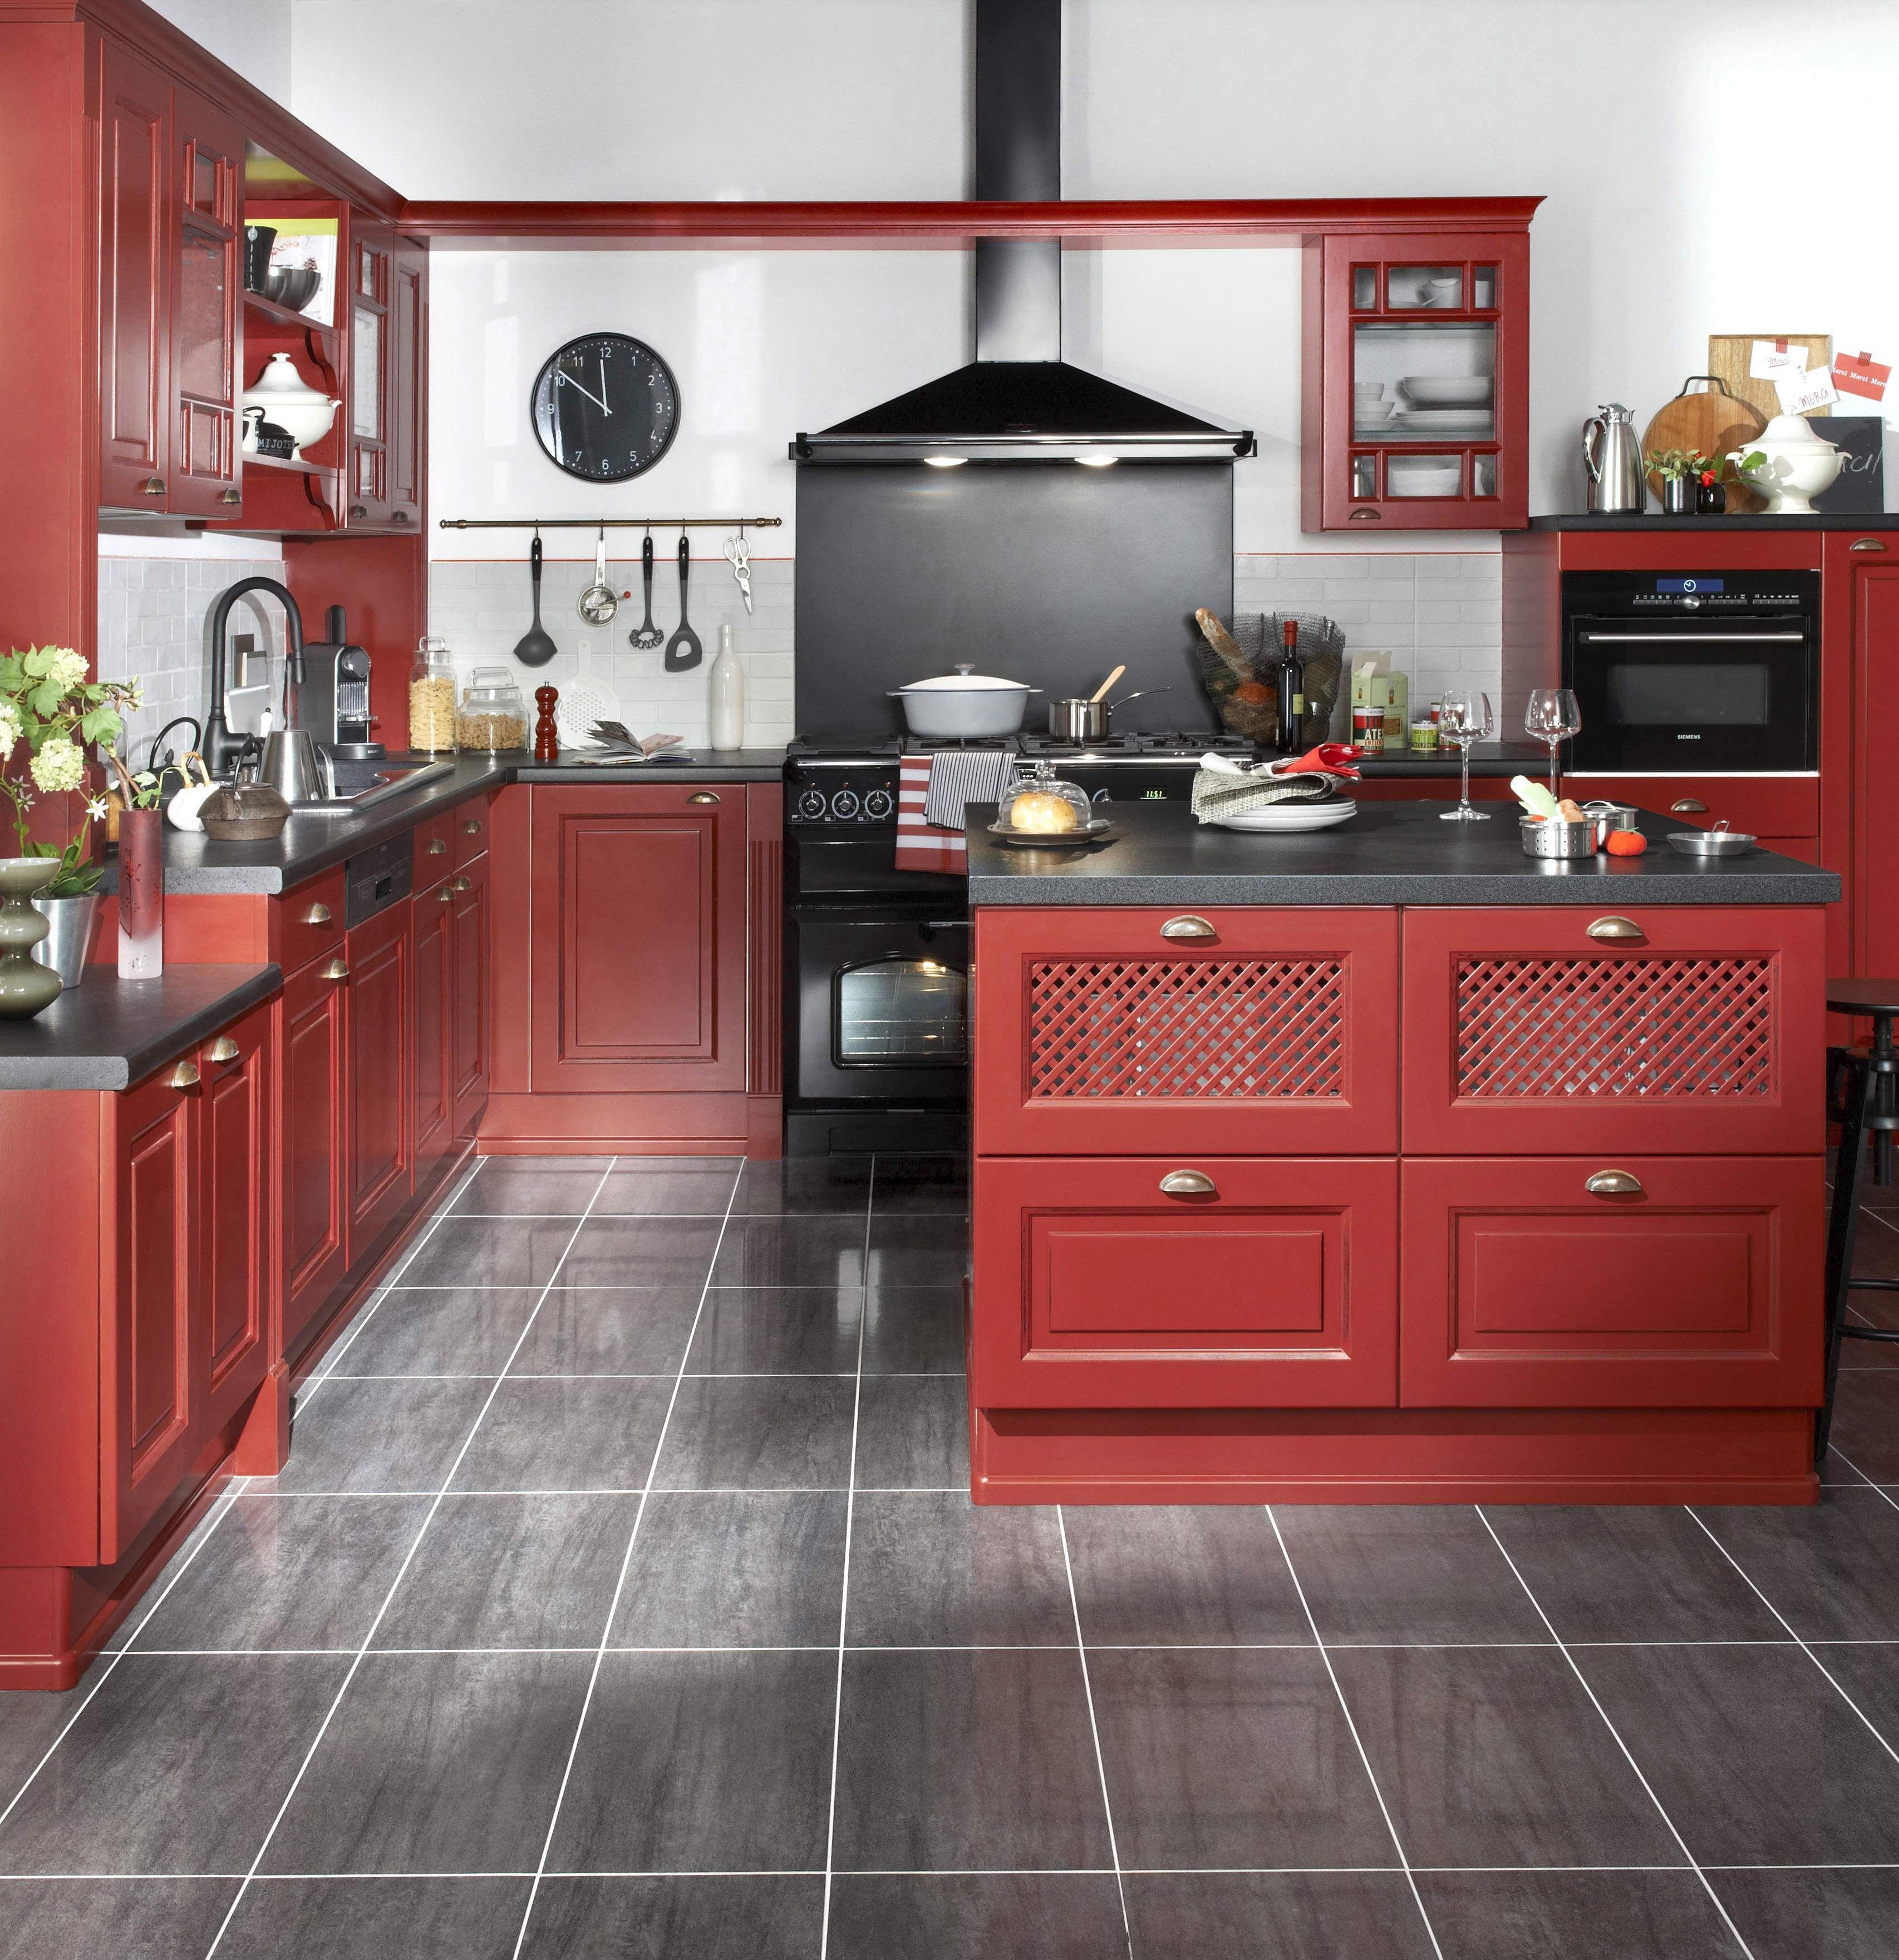 Cuisine BISTRO - Rouge vieilli. La cuisine Bistro est un modèle vintage  doté d  ef7dd102e78f